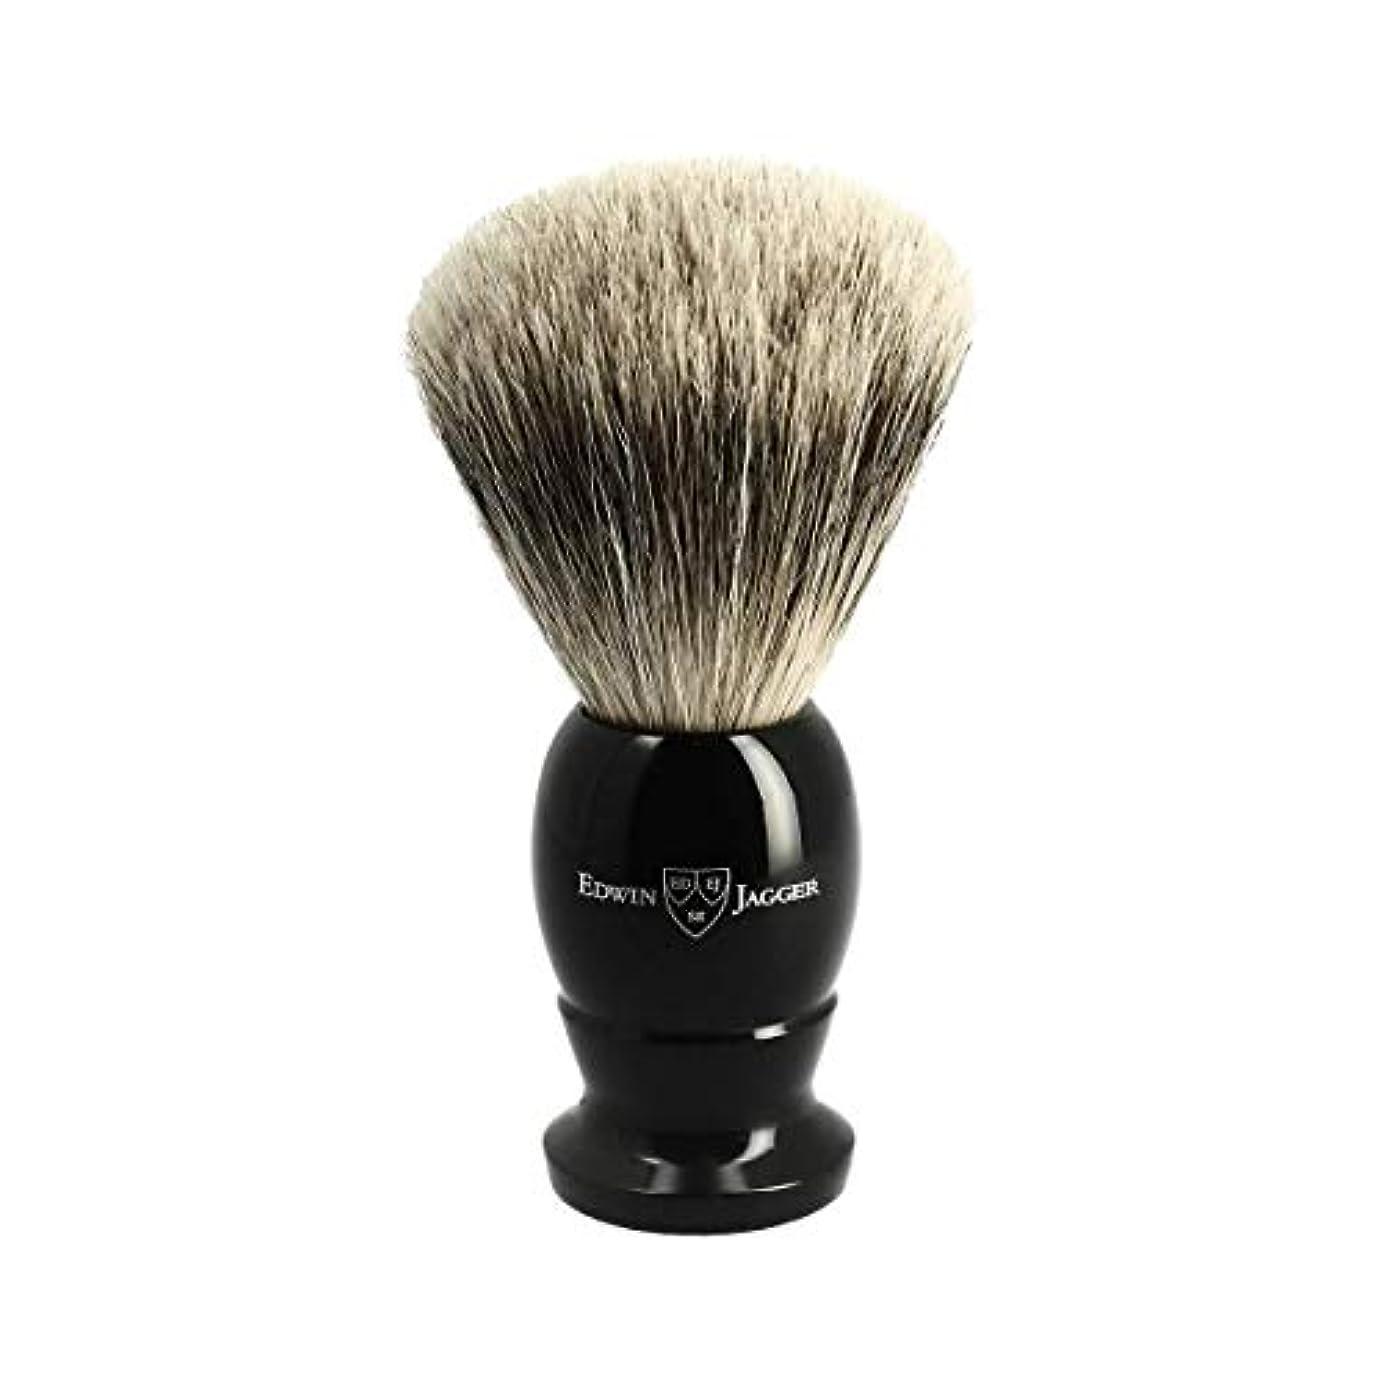 別れるプランター量でエドウィンジャガー ベストバッジャーアナグマ毛 エボニーシェービングブラシ大3EJ876[海外直送品]Edwin Jagger Best Badger Ebony Shaving Brush Large 3EJ876 [...